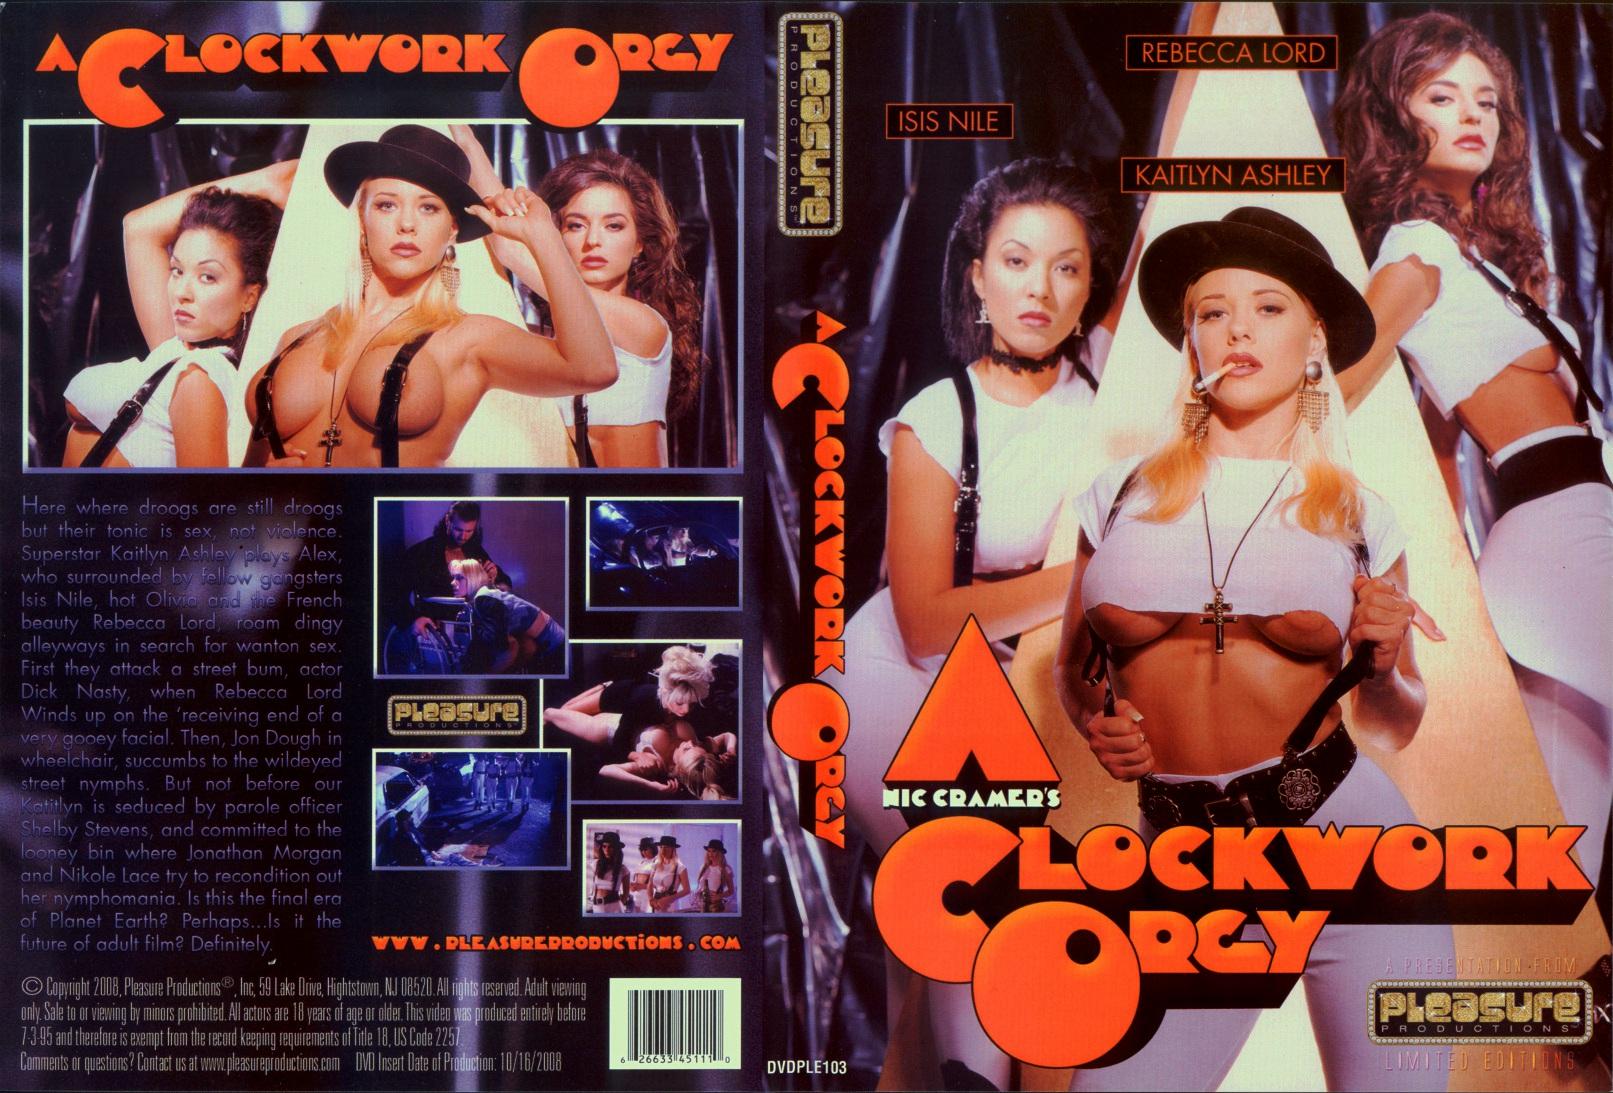 Jb A Clockwork Orgy